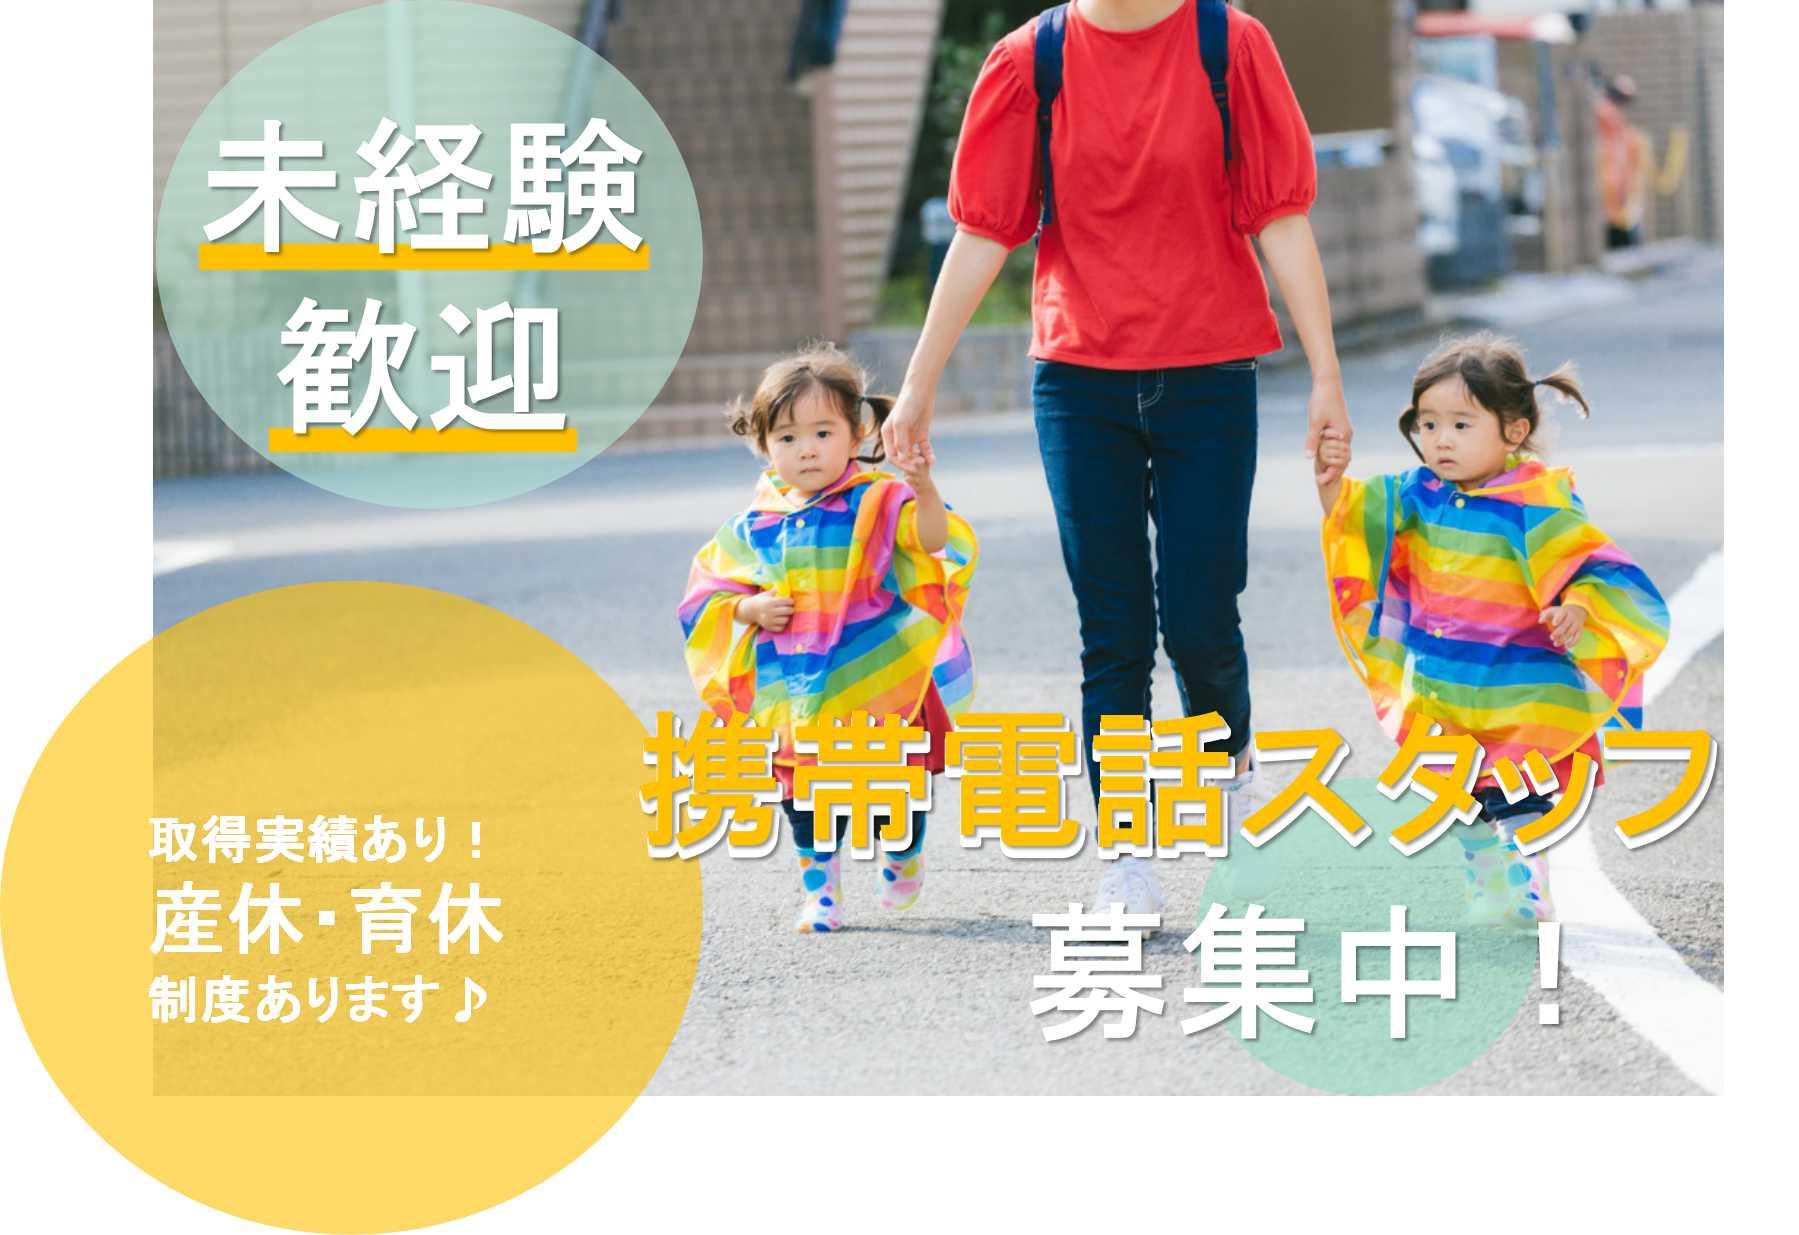 【静岡県湖西市】勤続報奨金あり♪パパママ応援します!携帯電話スタッフ【即面談可能】 イメージ